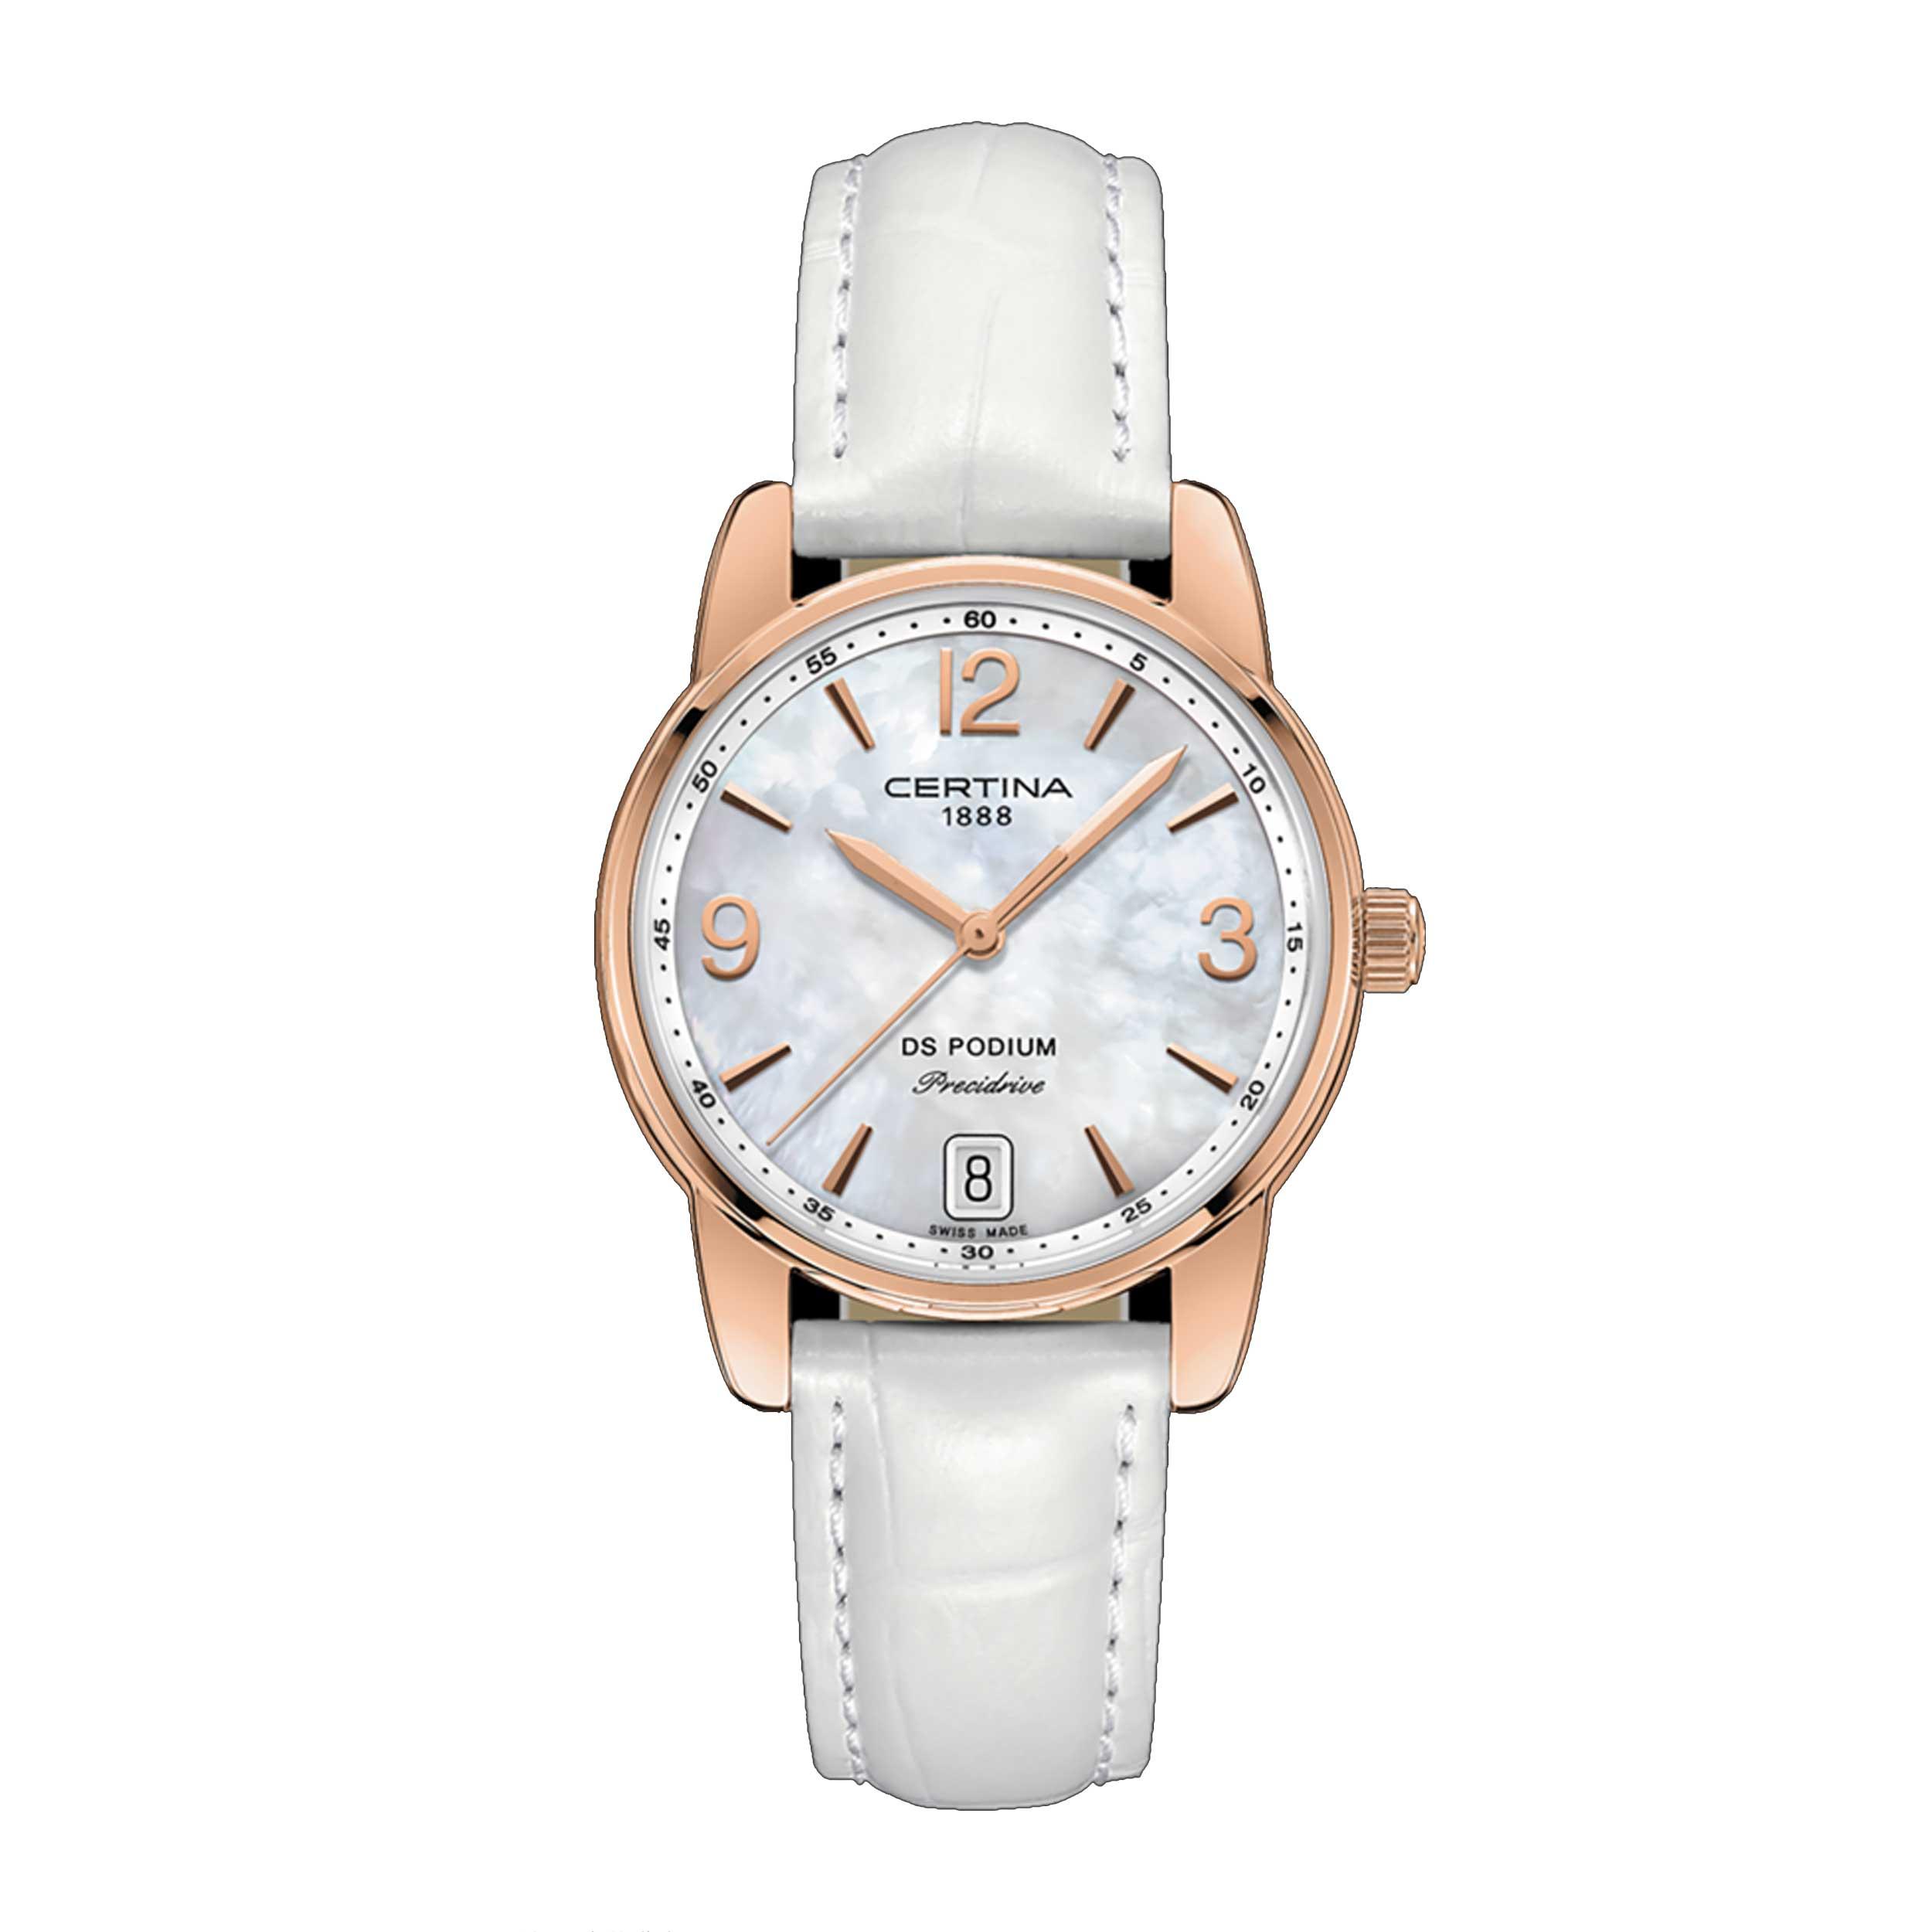 ساعت مچی عقربه ای زنانه مدل C0342103611700